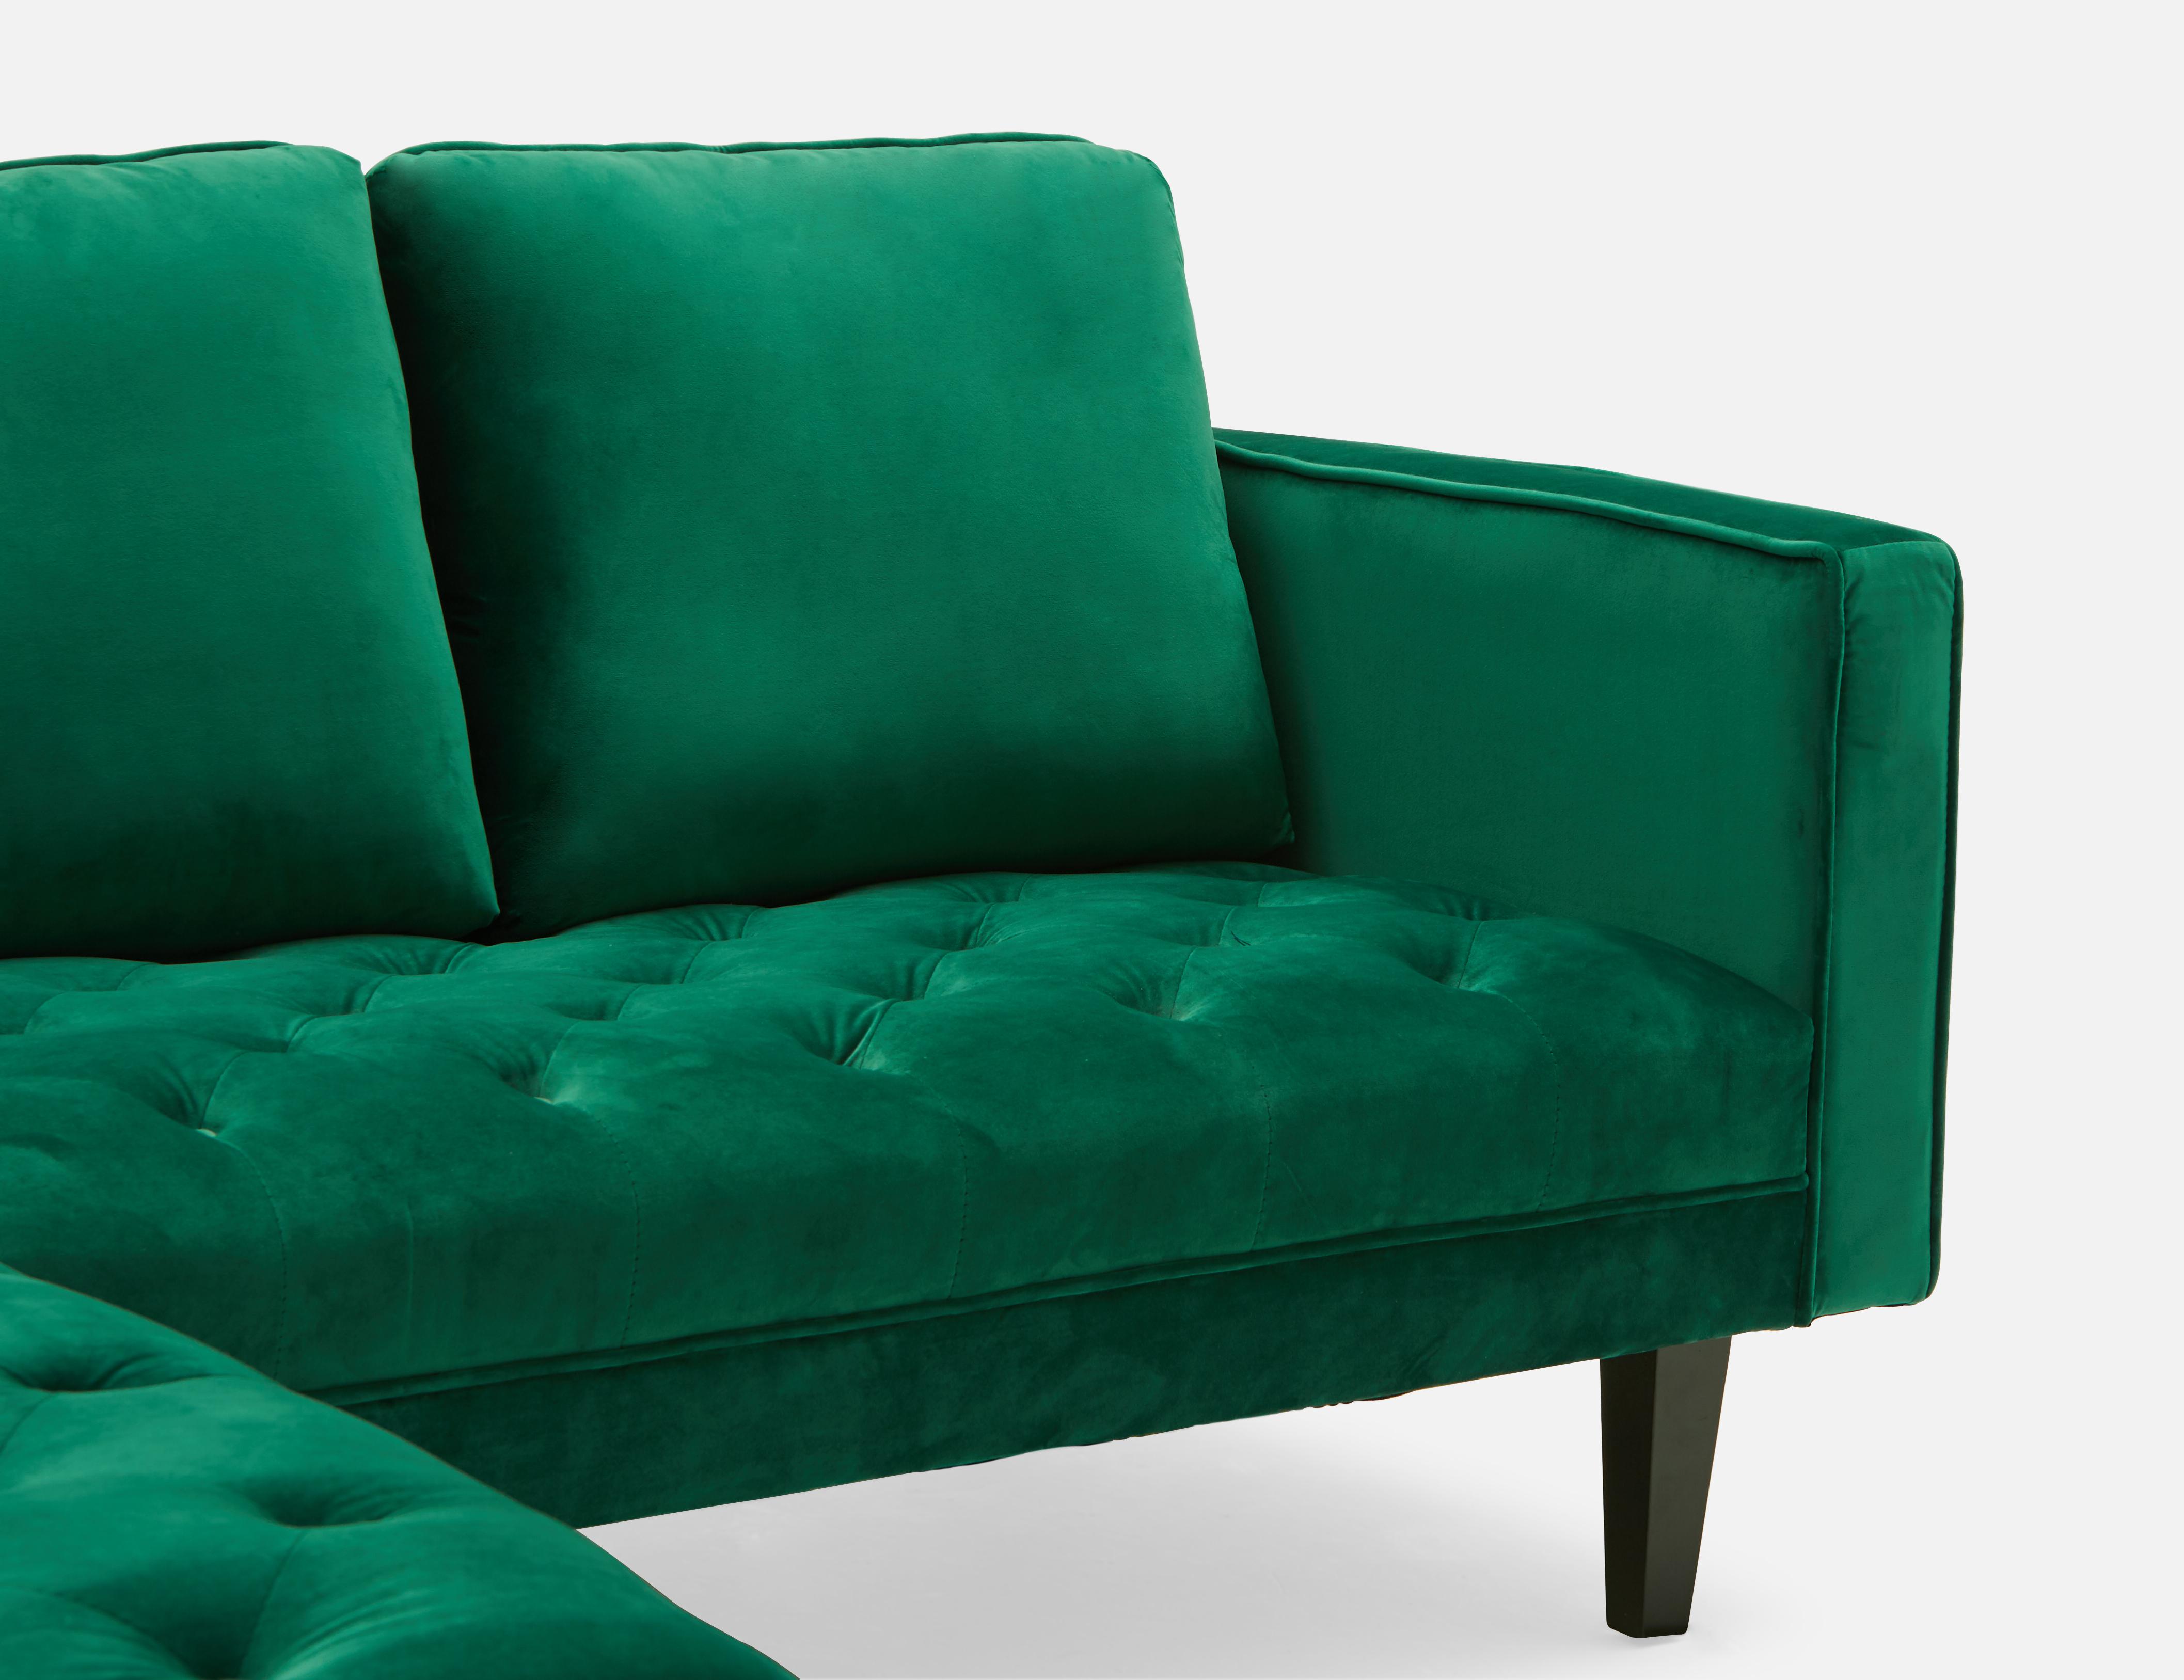 Cool Green Interchangeable Sectional Velvet Sofa Structube Todd Inzonedesignstudio Interior Chair Design Inzonedesignstudiocom